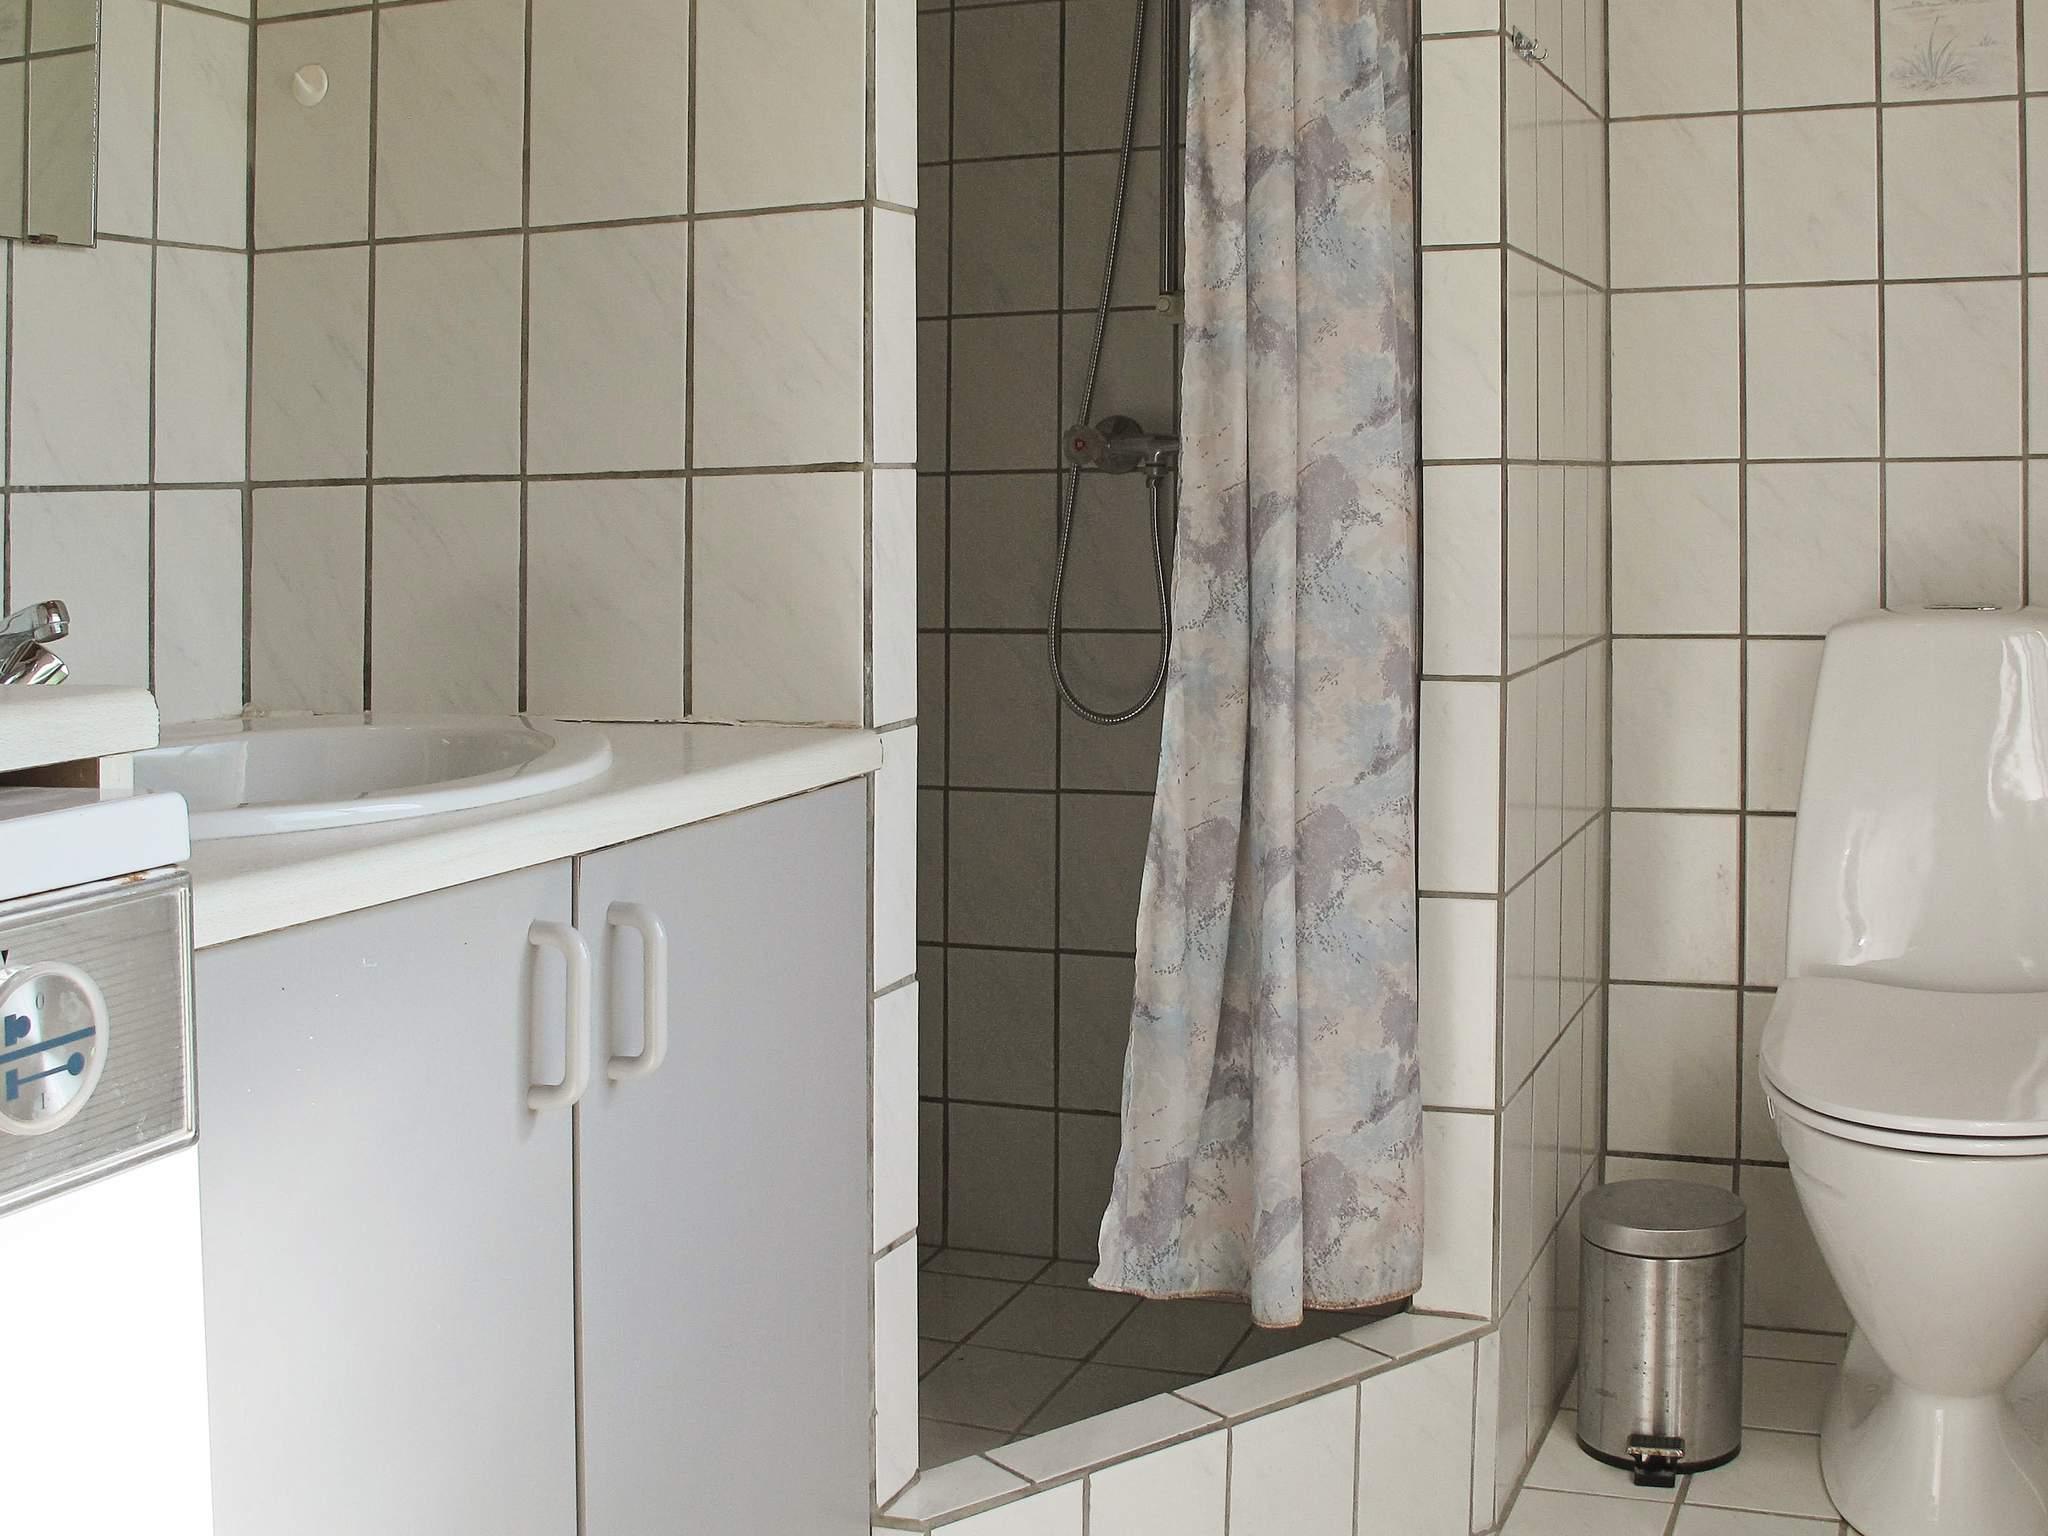 Ferienhaus Toftum Bjerge (88888), Struer, , Limfjord, Dänemark, Bild 13